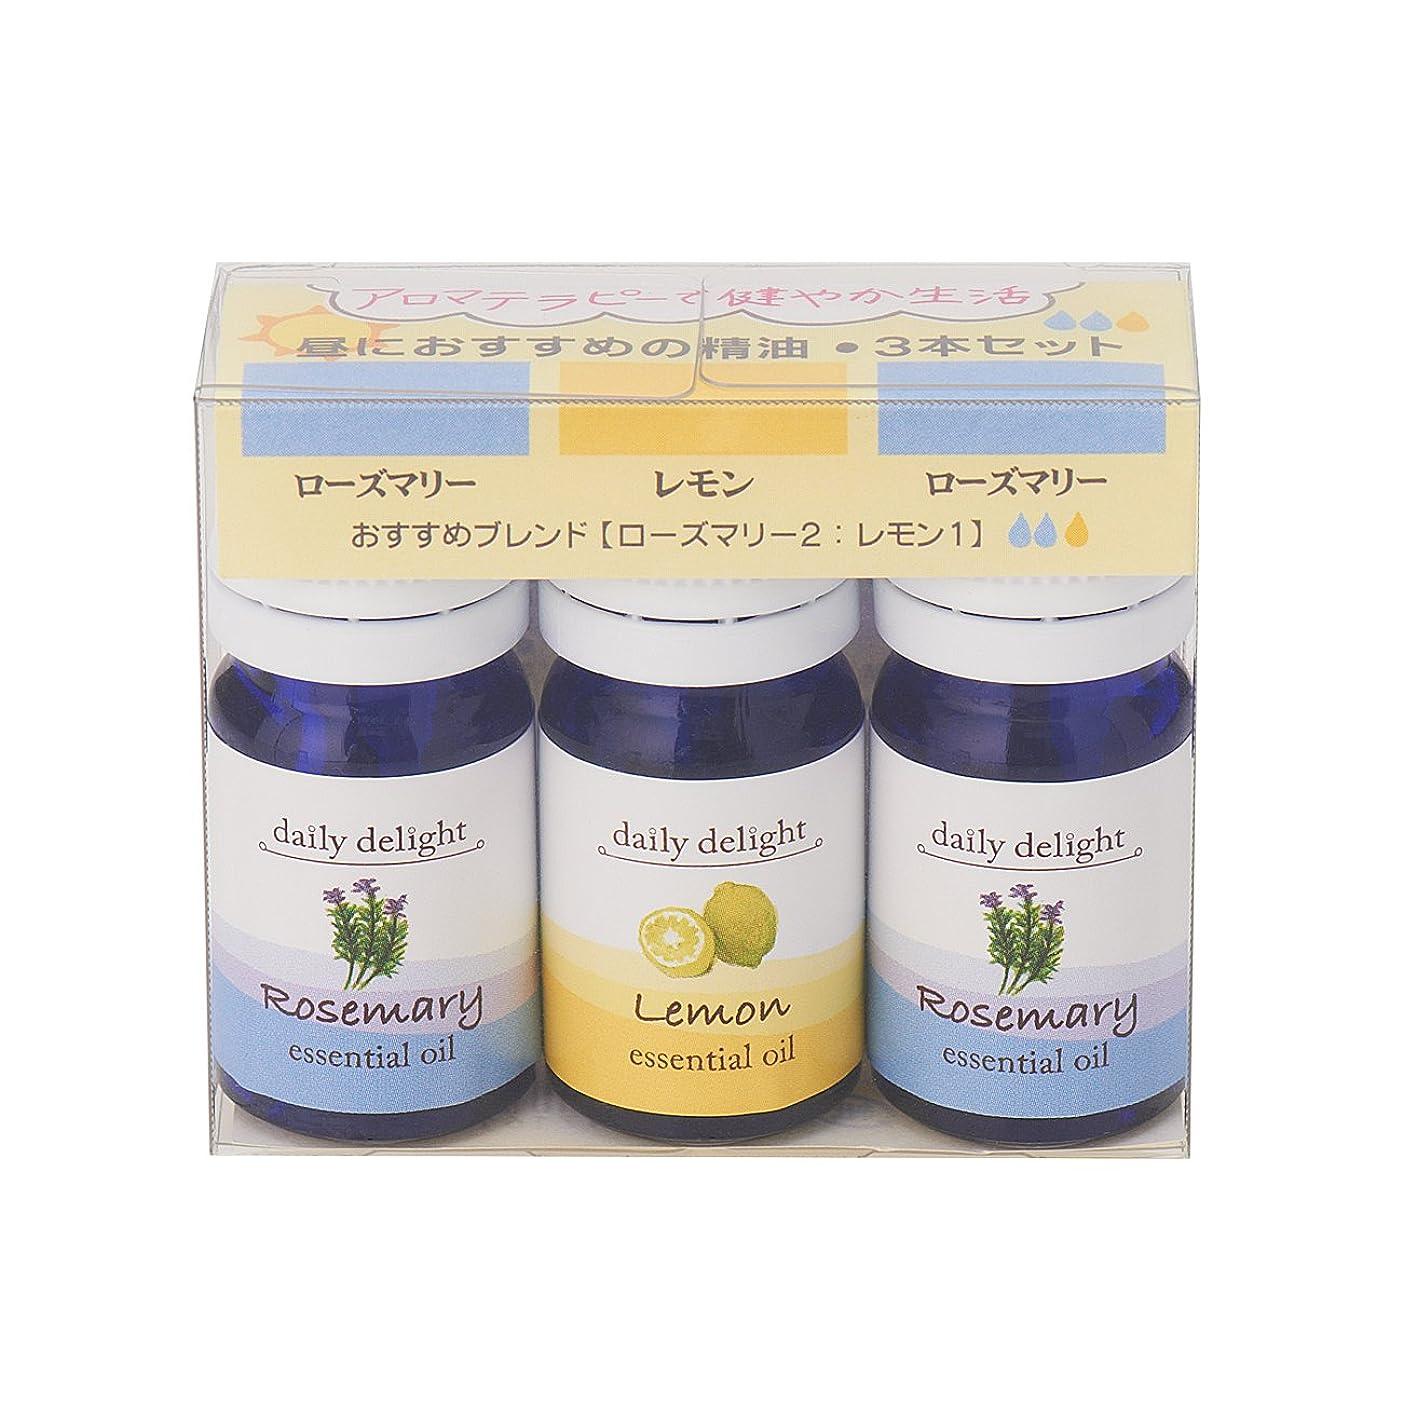 来てベーコンヤングデイリーディライト エッセンシャルオイル 昼におすすめの精油3本セット 3ml×3本(ローズマリー レモン)